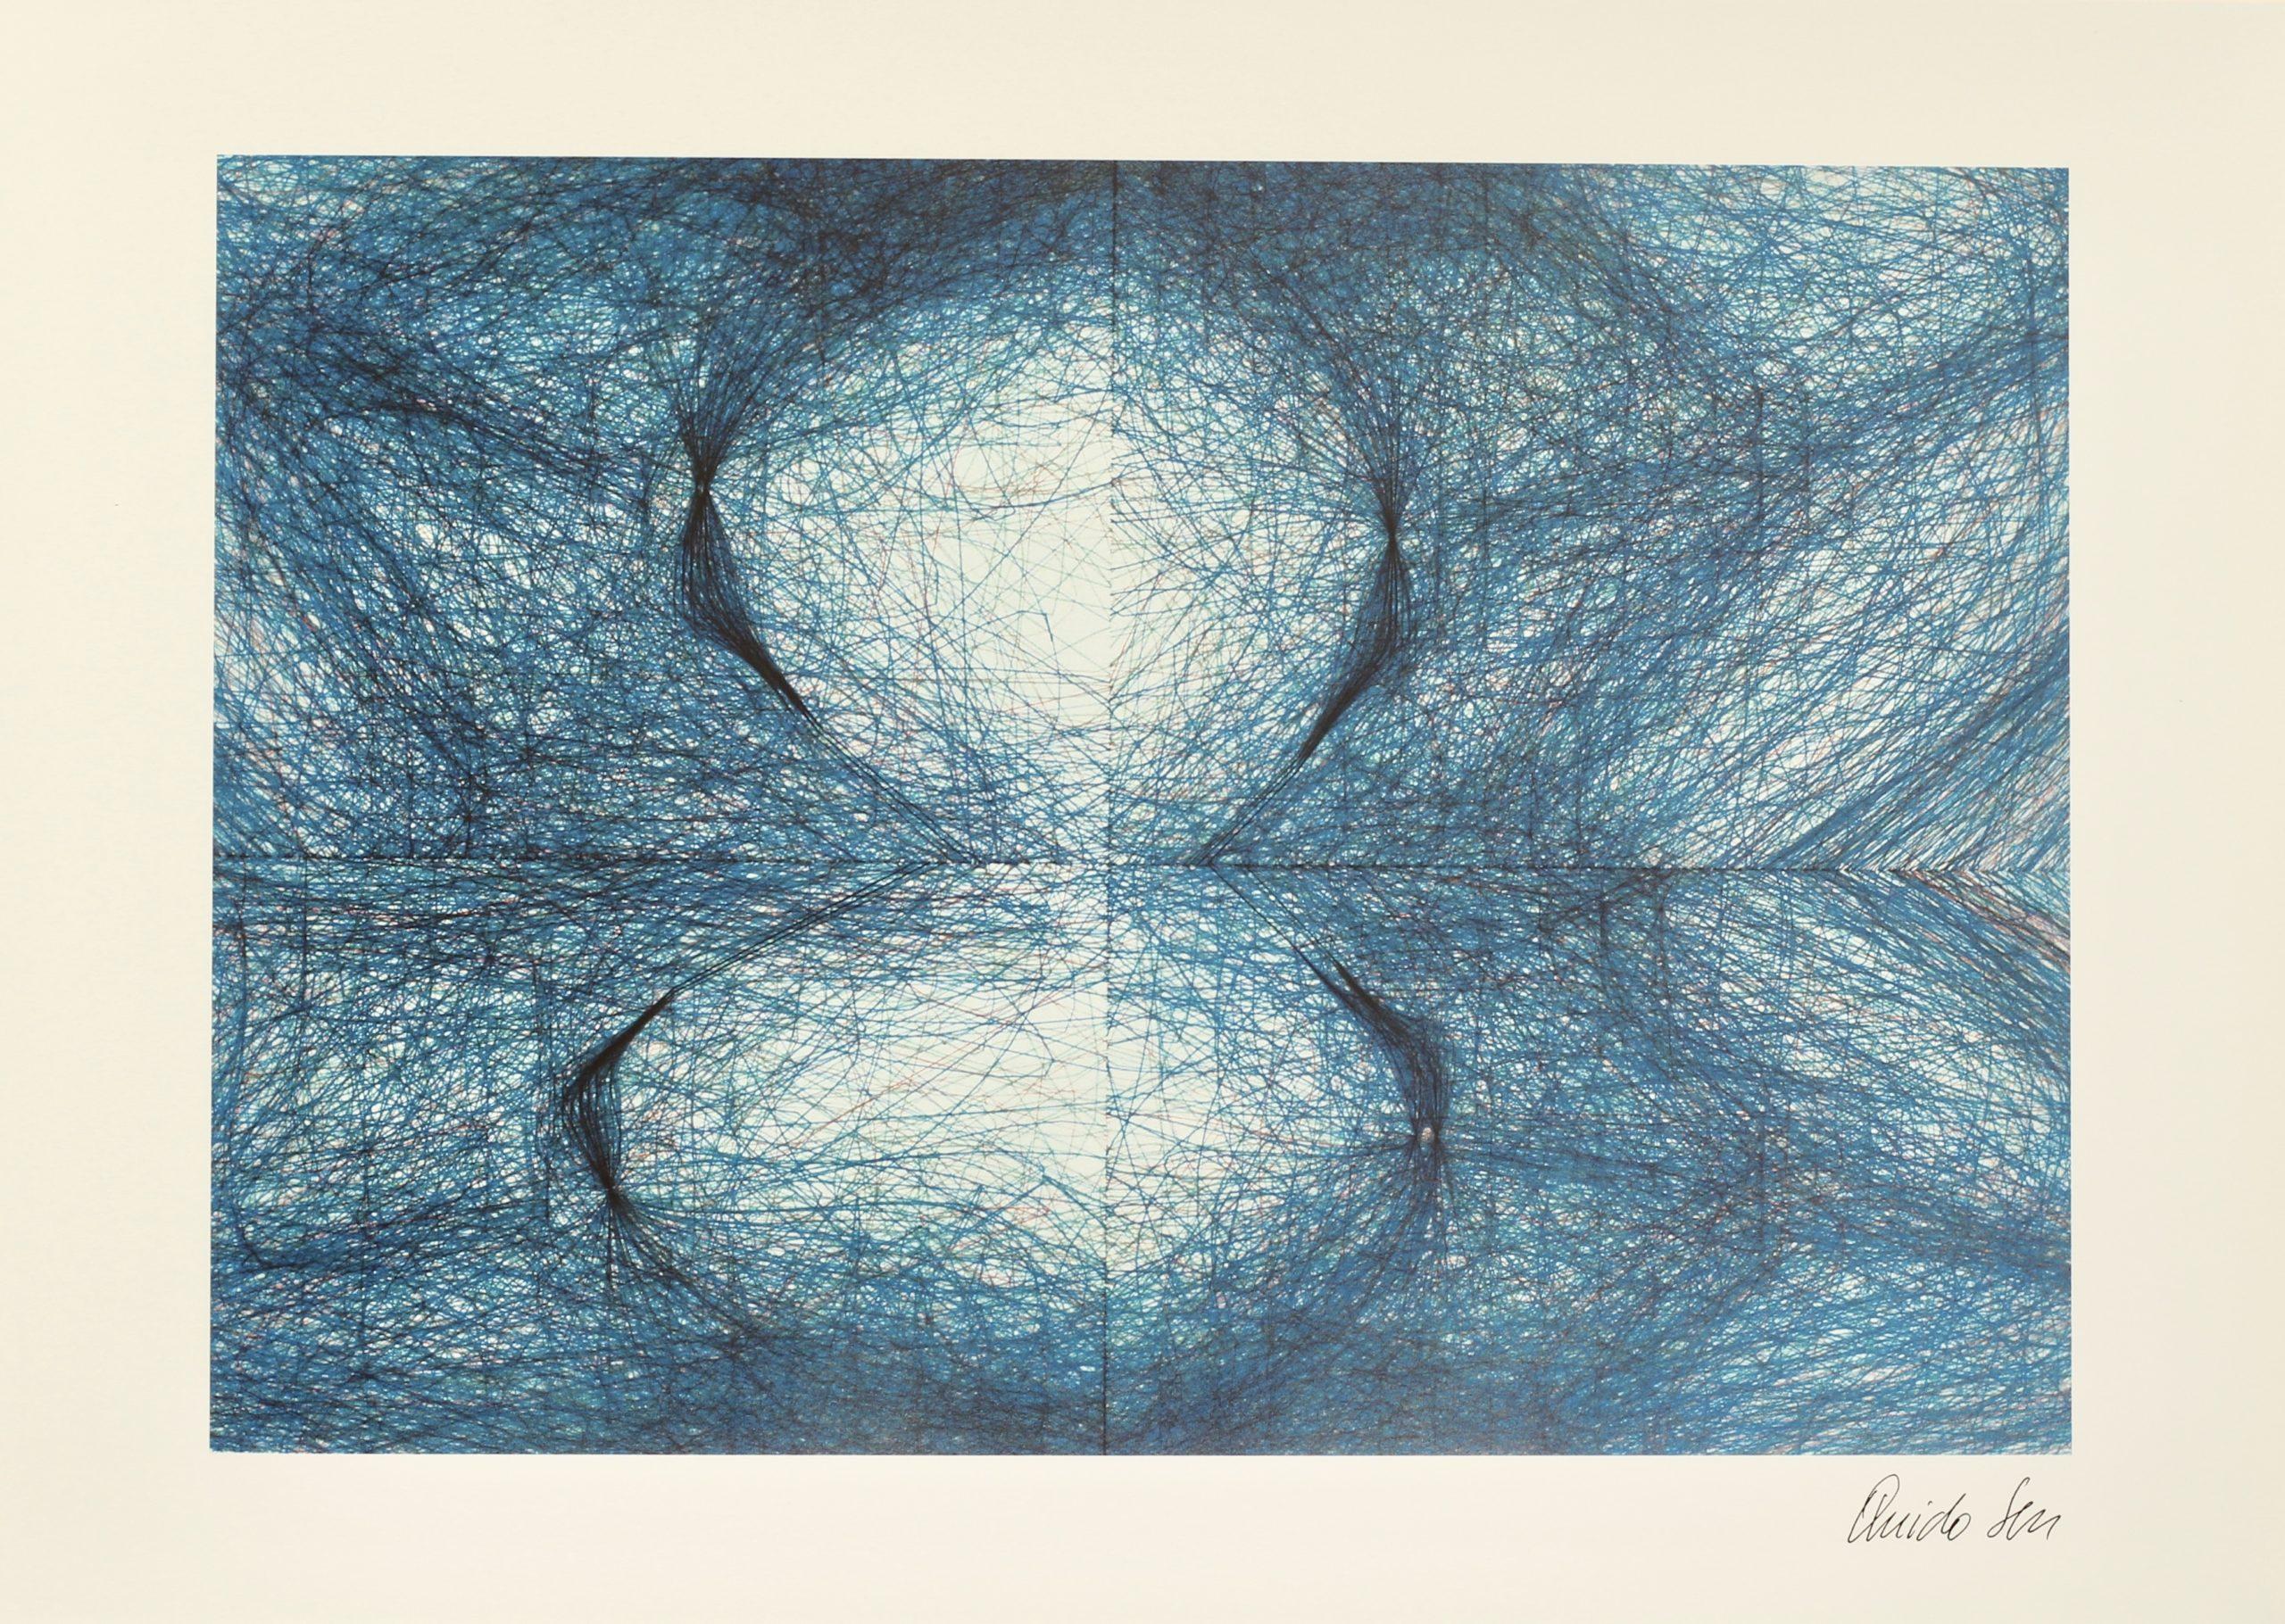 Quido Sen, 4-Blatttransformationen, Hahnemühle Kunstdruck, 29,6 x 42 cm, Auflage von 50, 1989